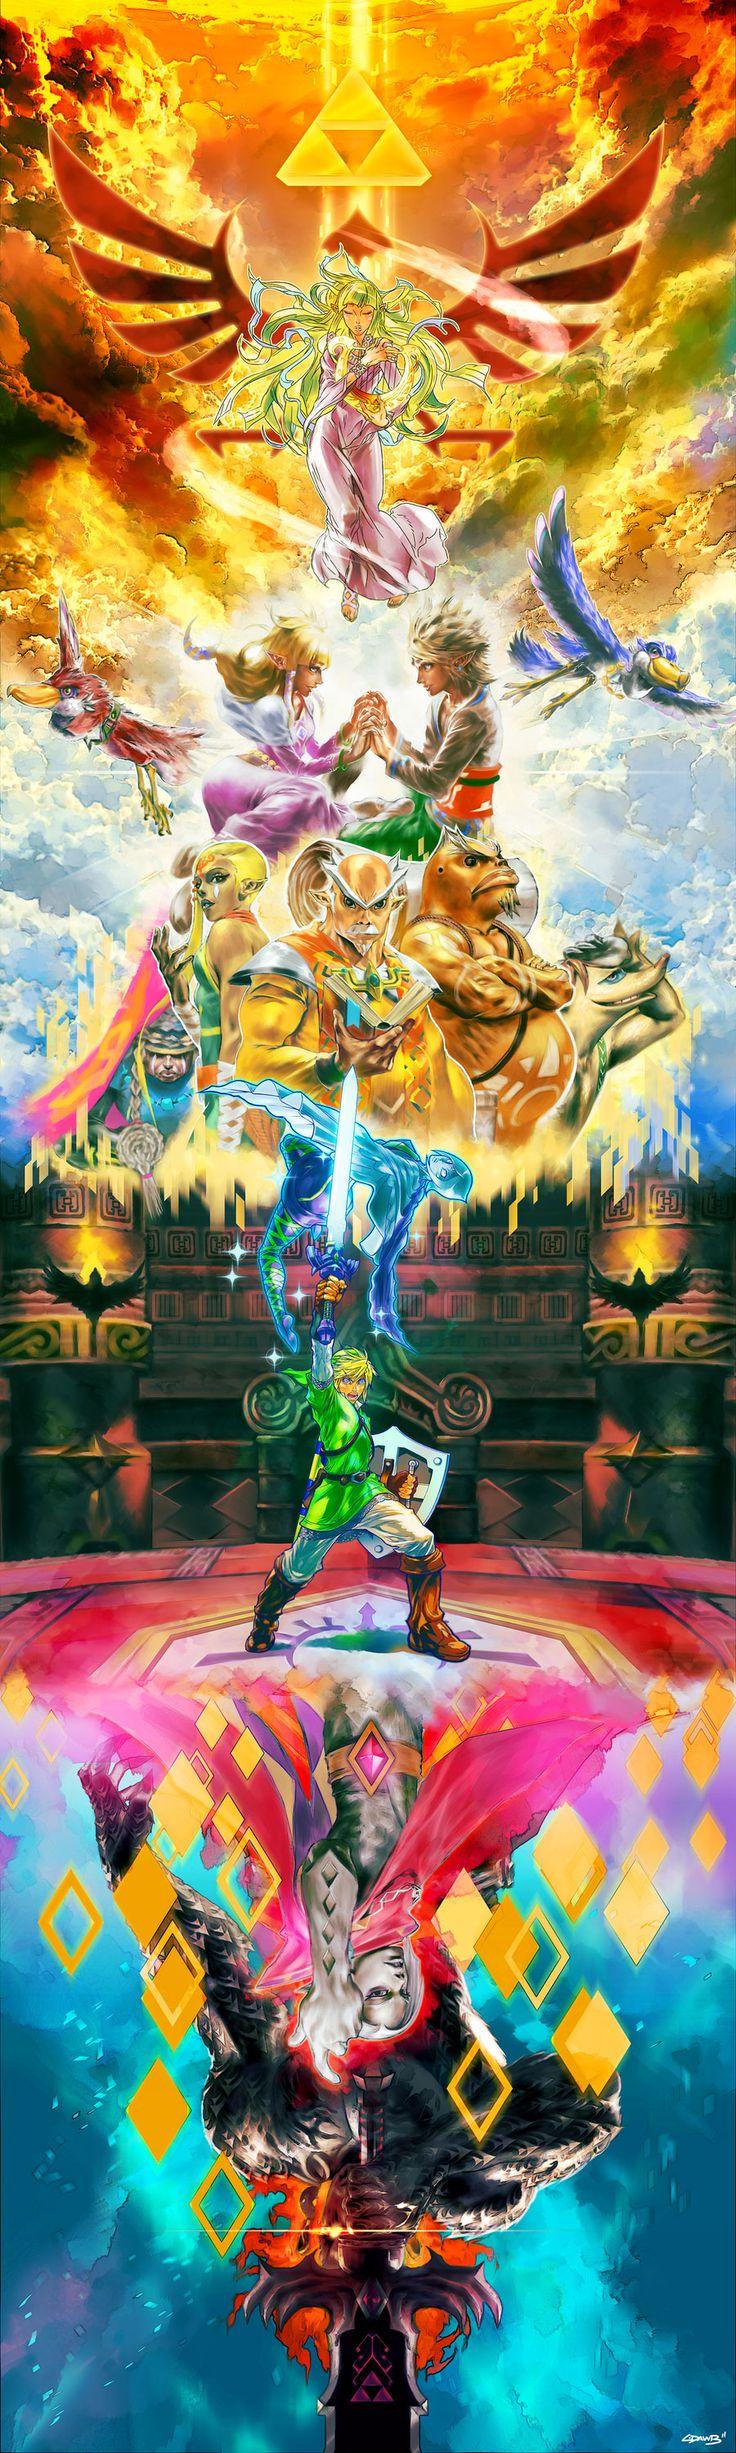 Another Amazing The Legend of Zelda Artwork - Skyward Sword